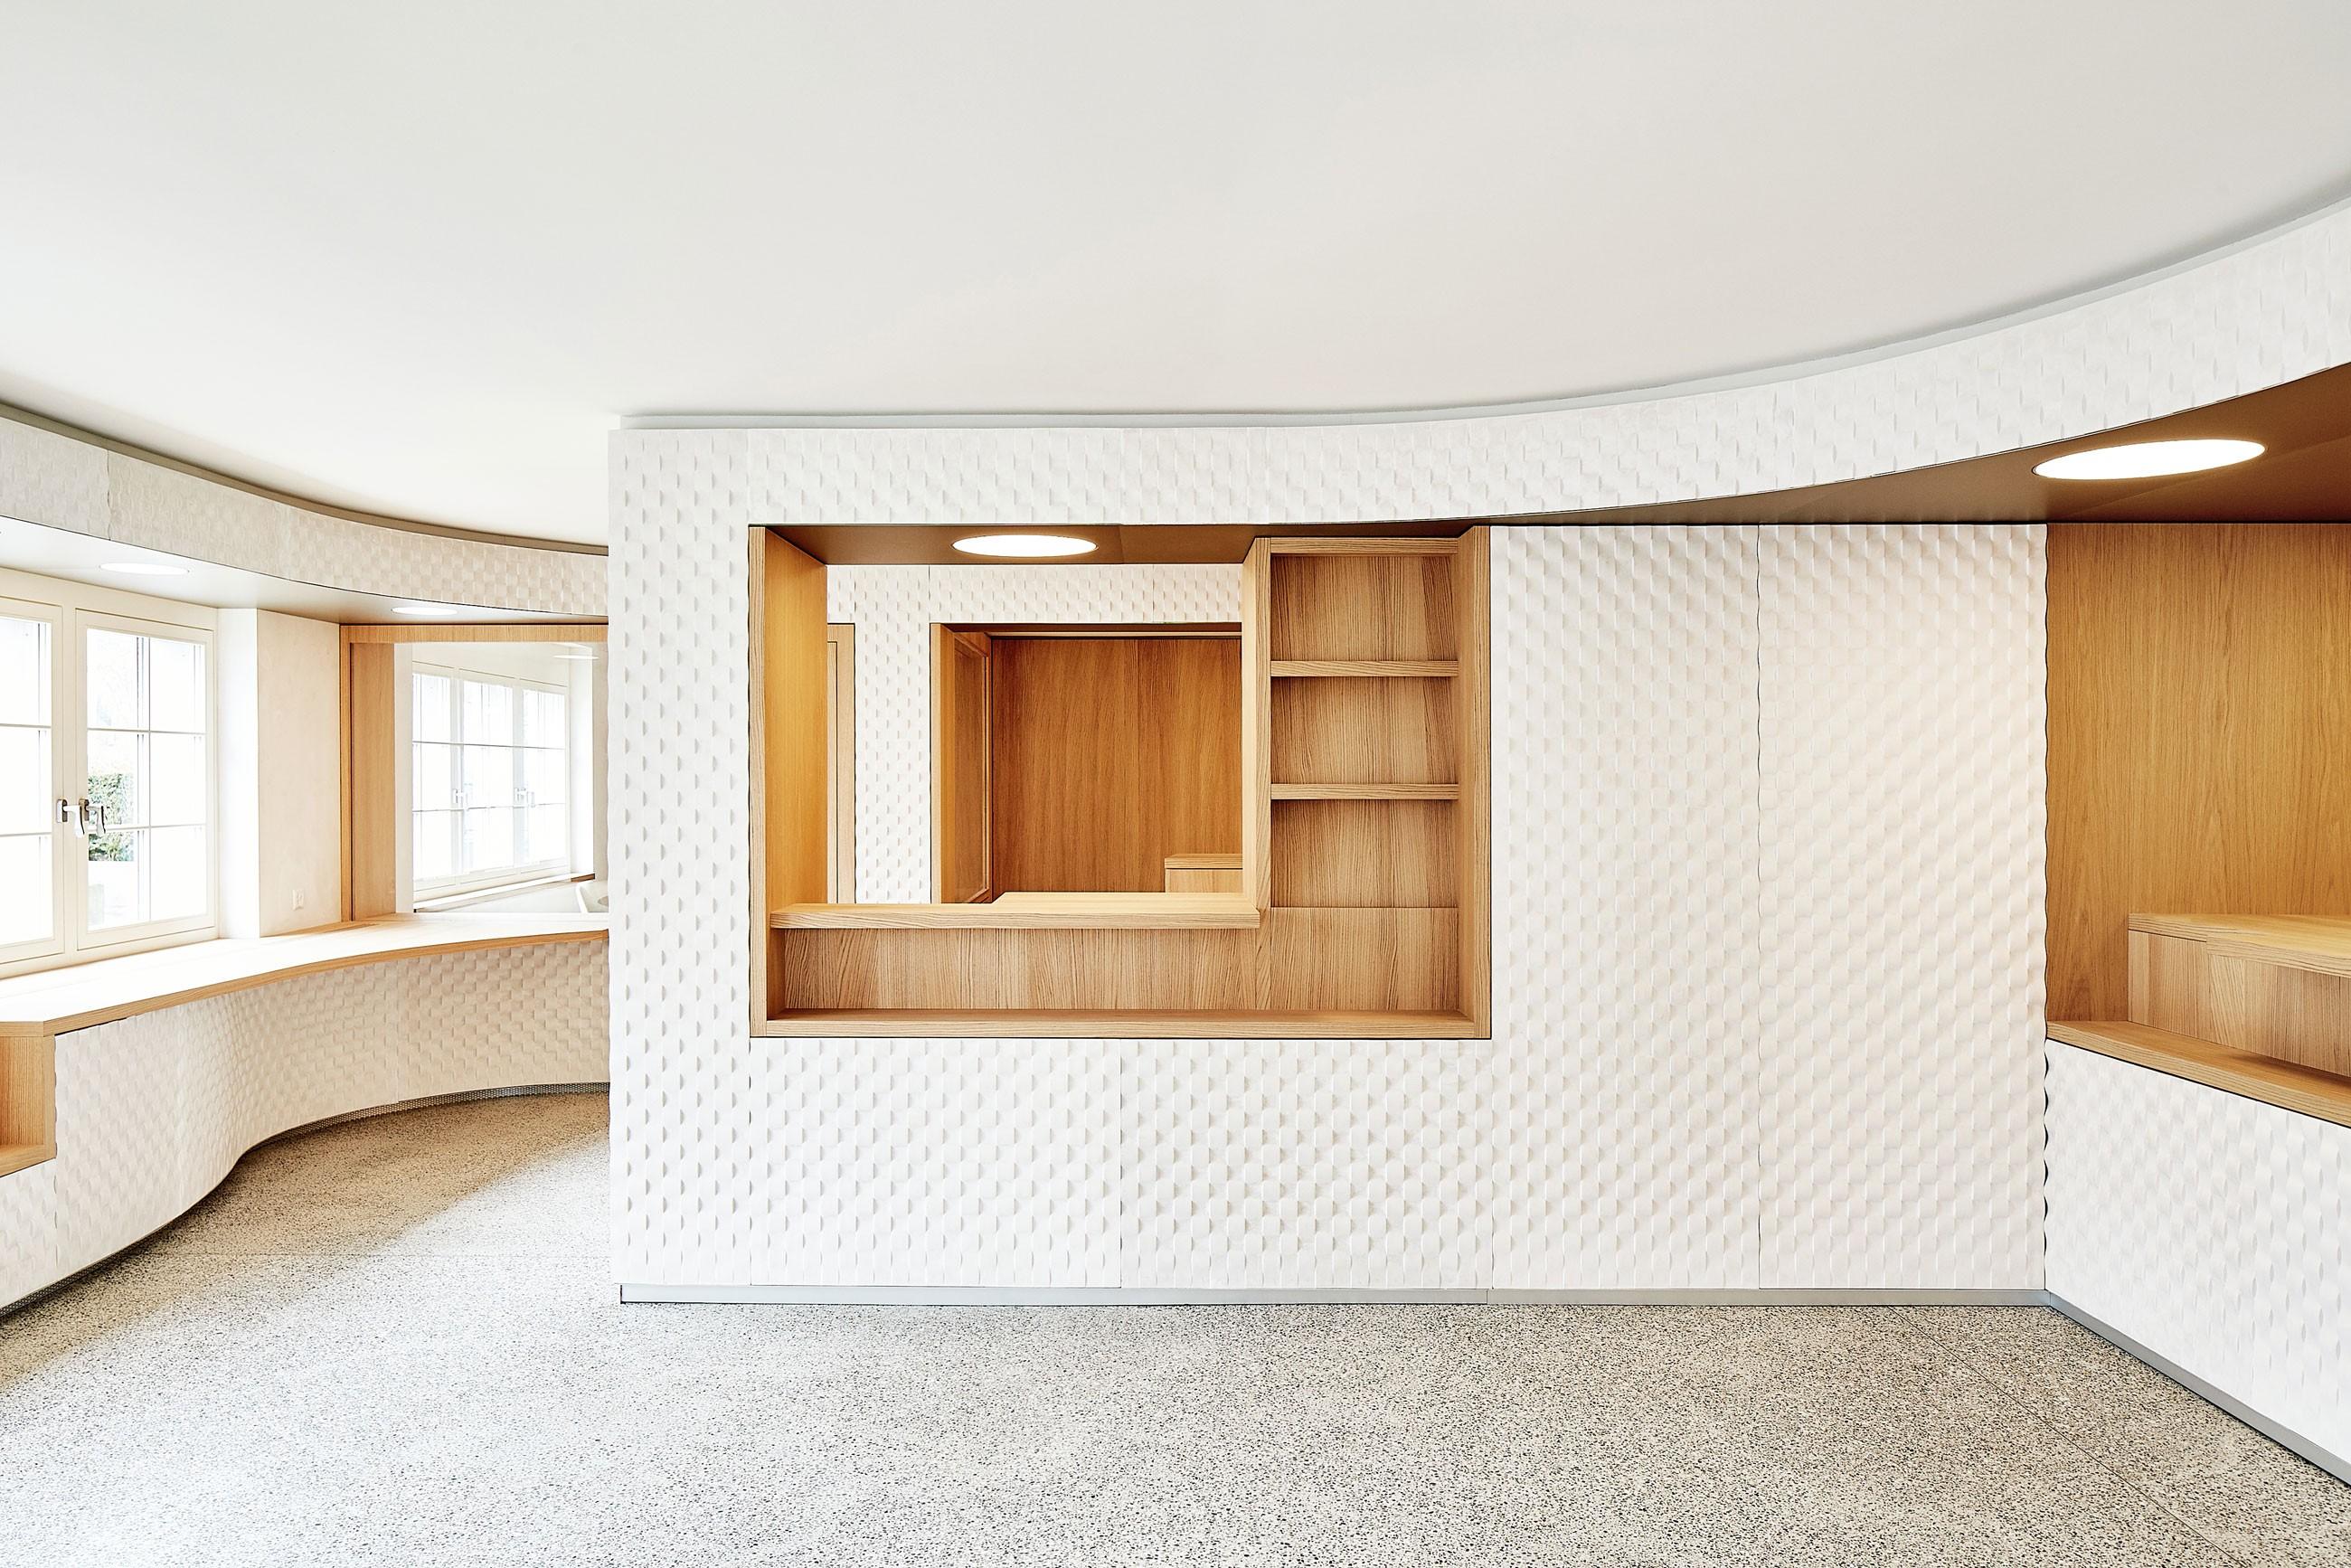 Zimmer Schmidt Architekten